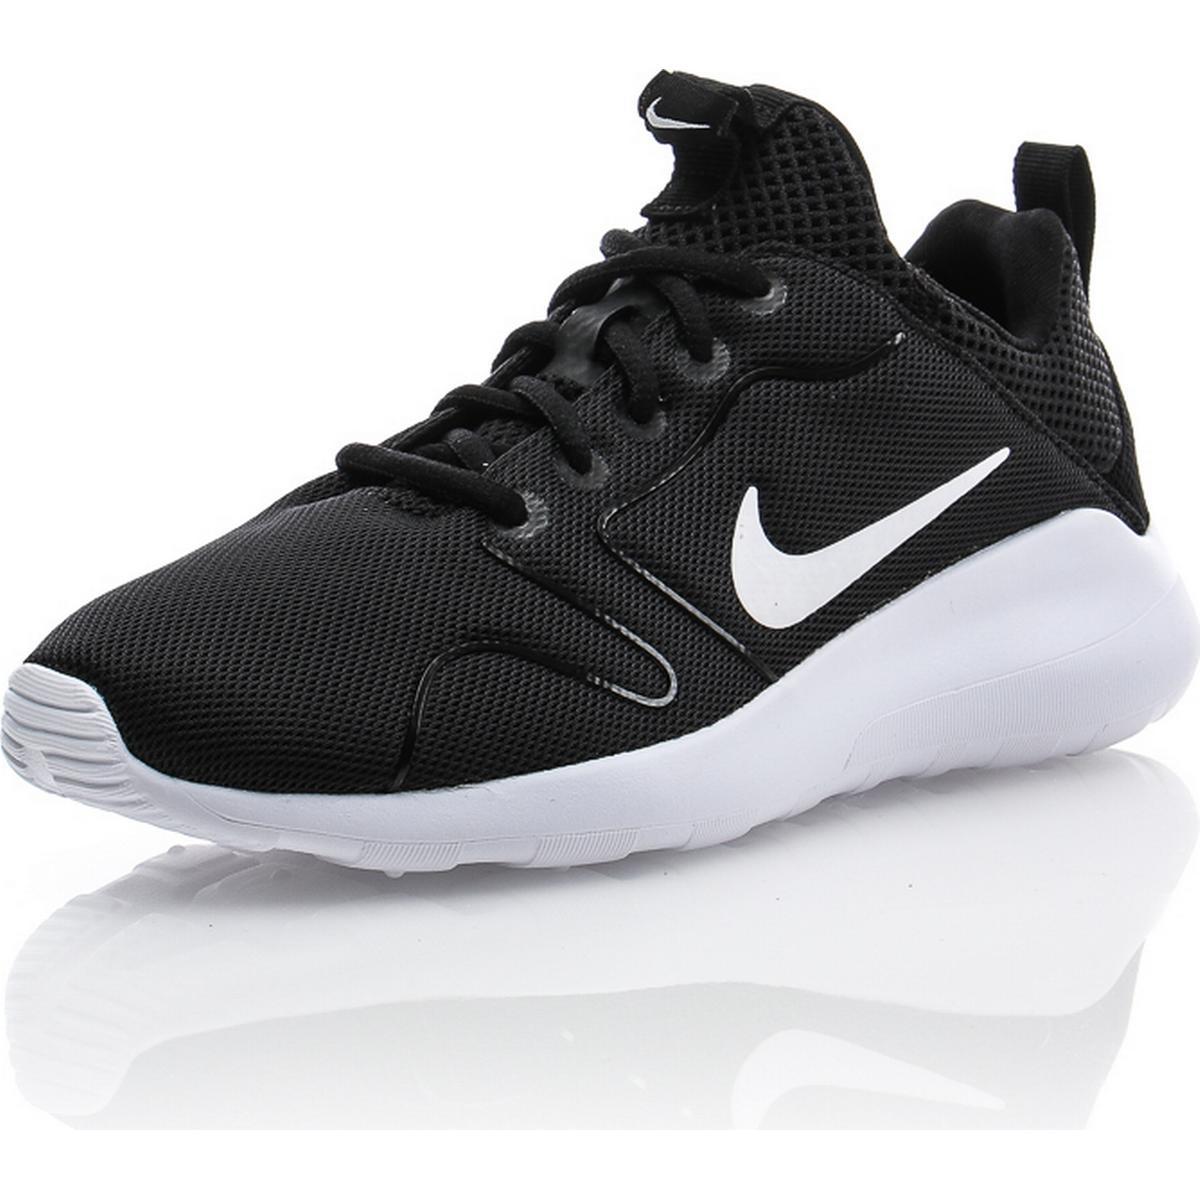 Nike kaishi dame • Find den billigste pris hos PriceRunner nu »